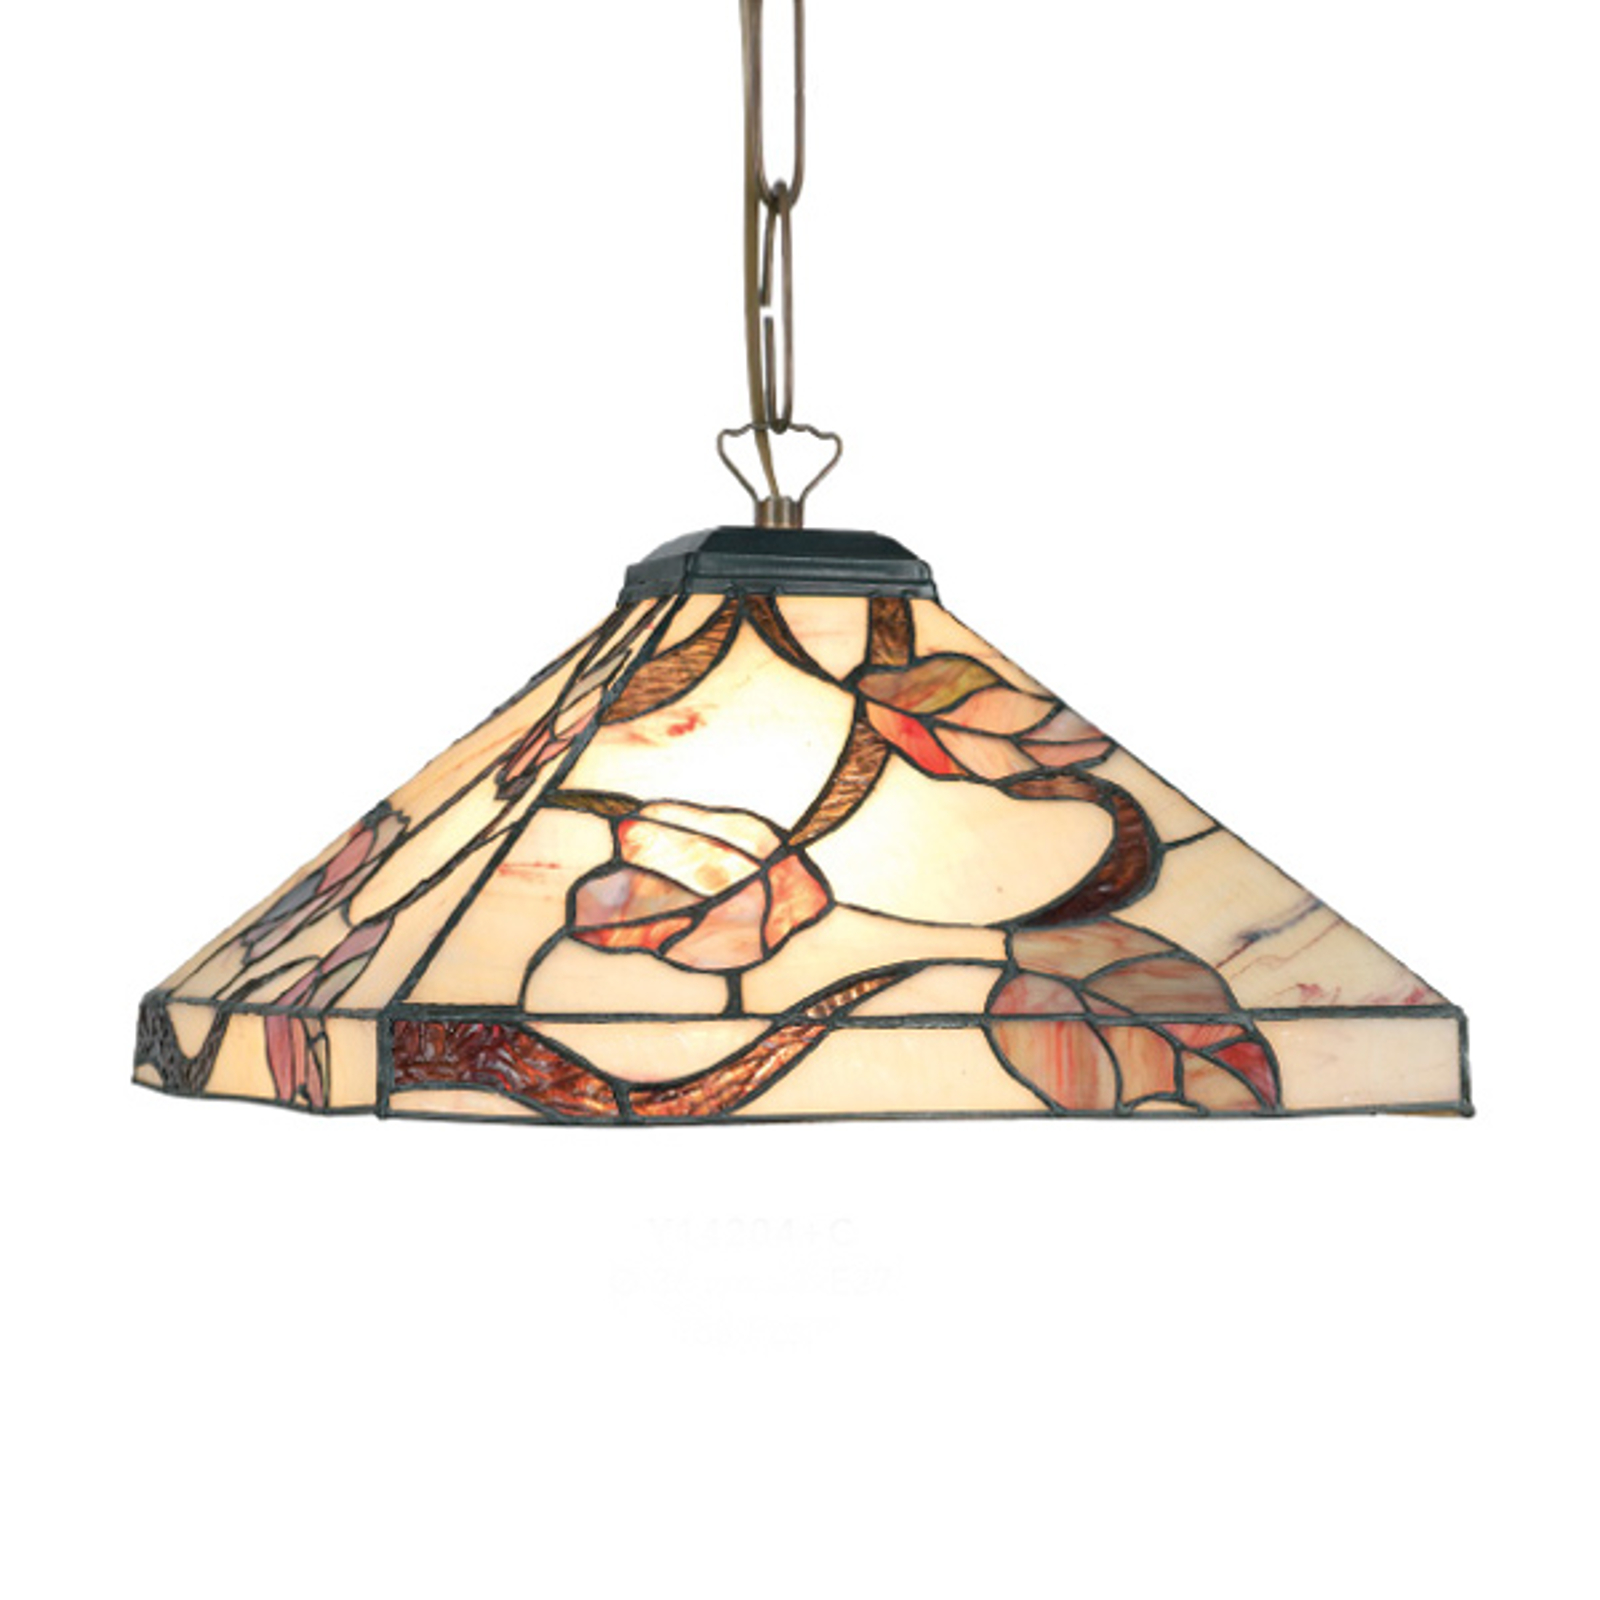 Lampa wisząca Appolonia w stylu Tiffany